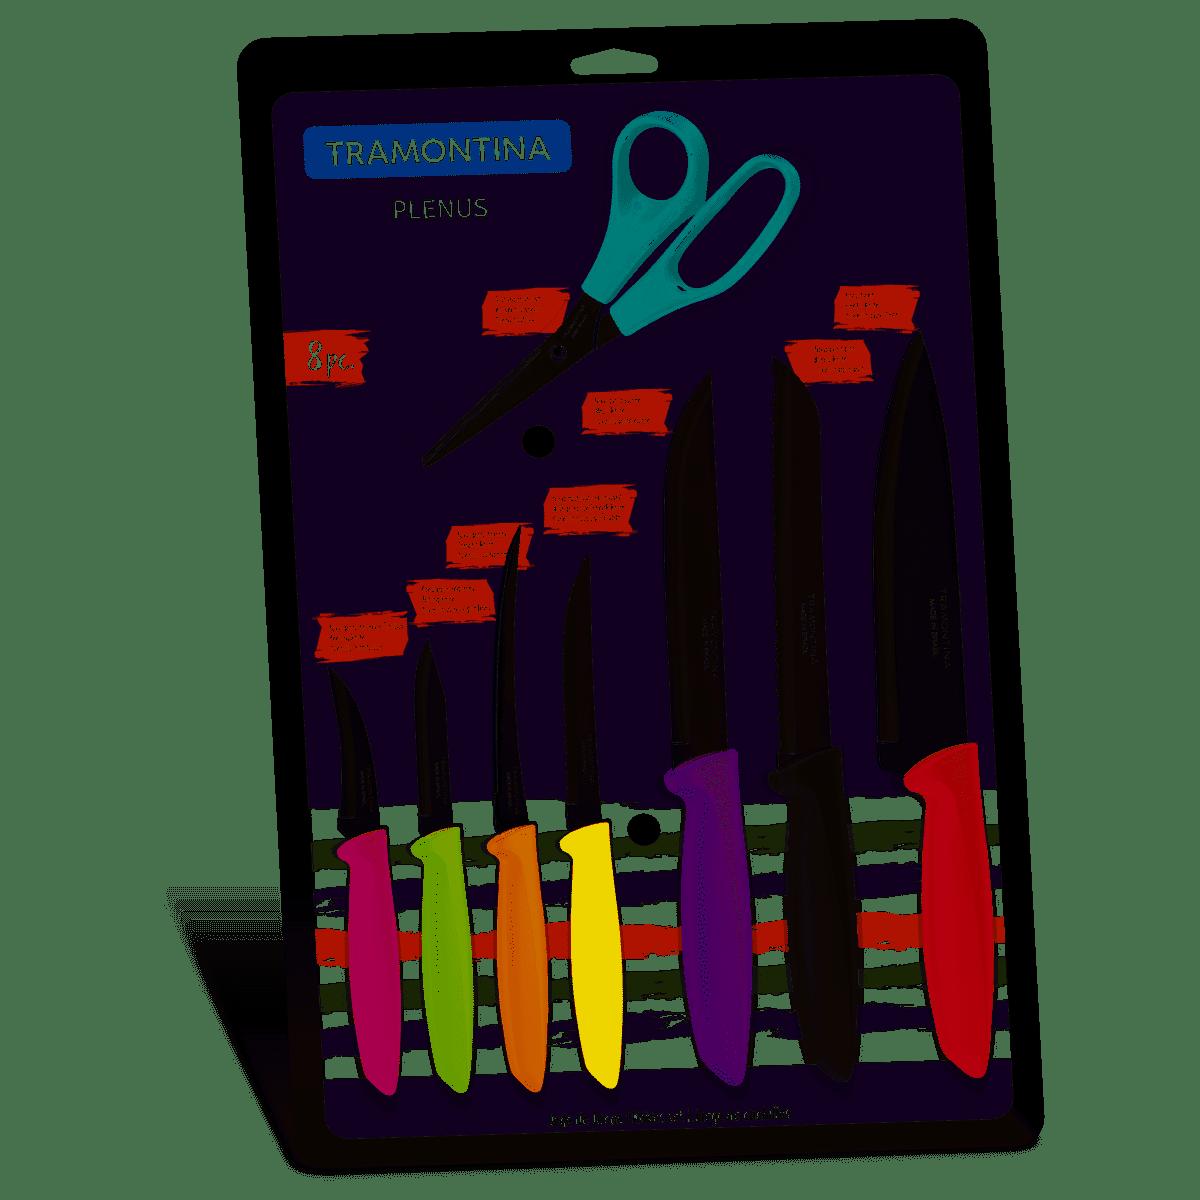 Conjunto De Facas Tramontina Plenus, 8 Peças Em Inox - 23498/917